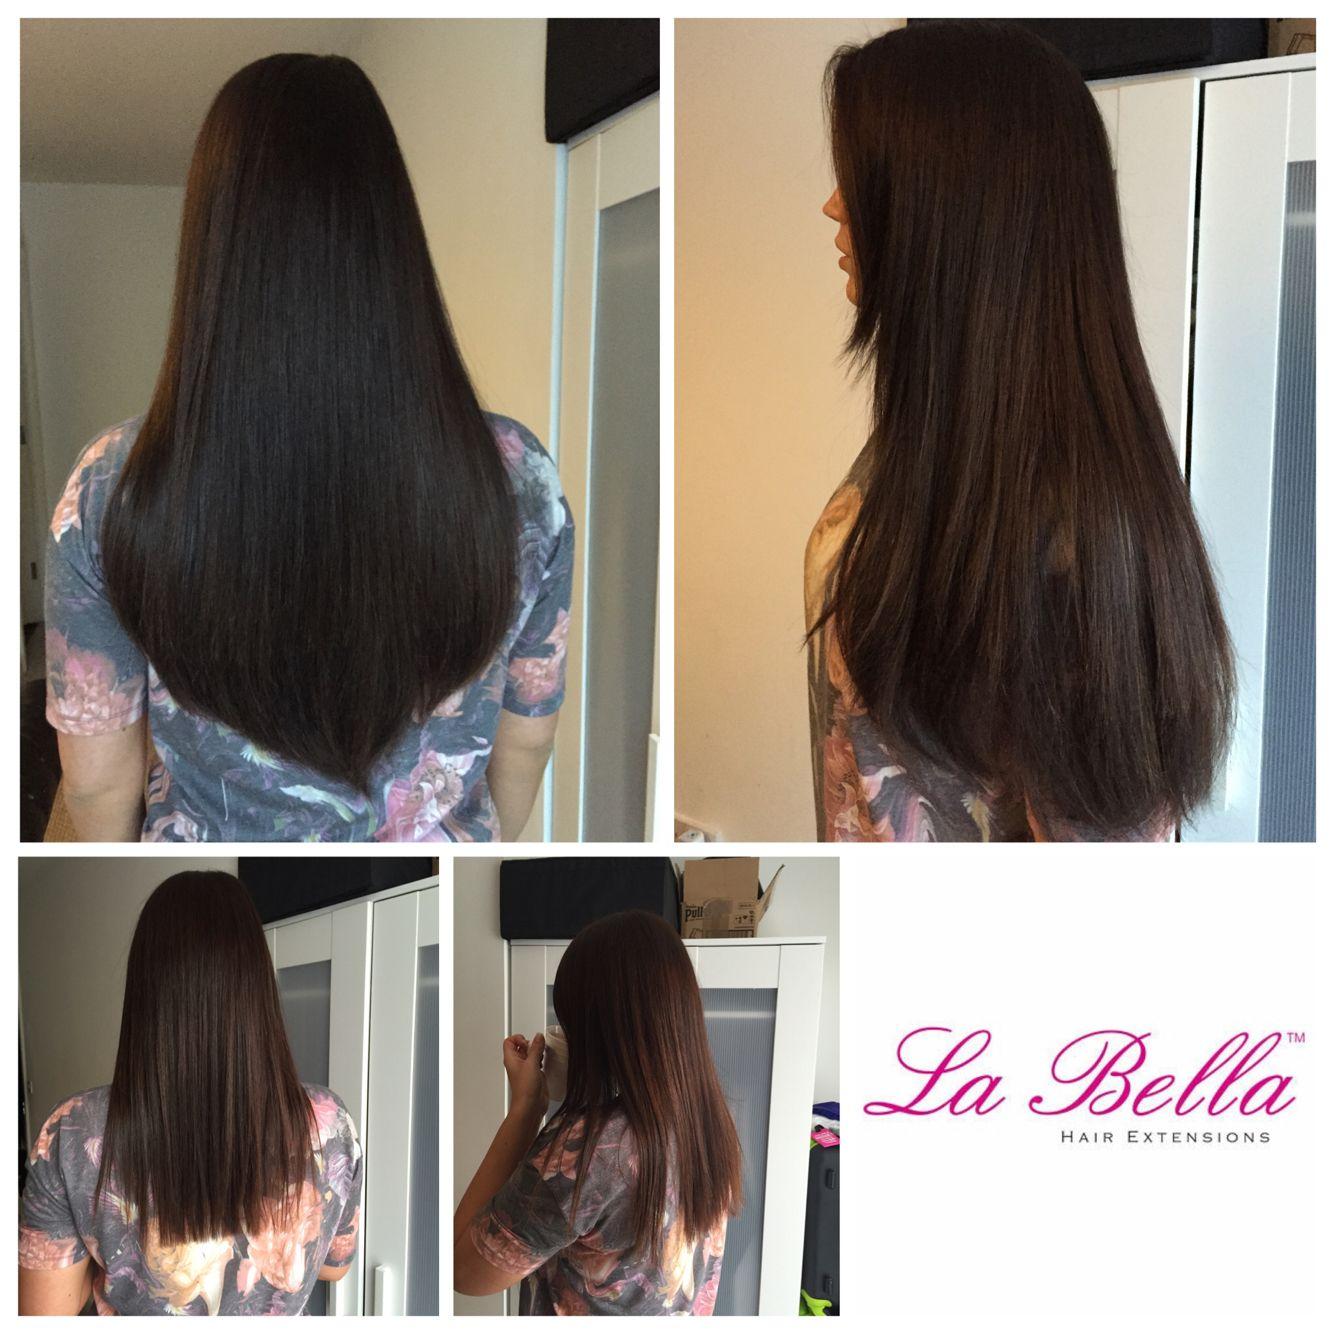 Full Head 18 Virgin European Hand Made La Bella Nano Tip Hair